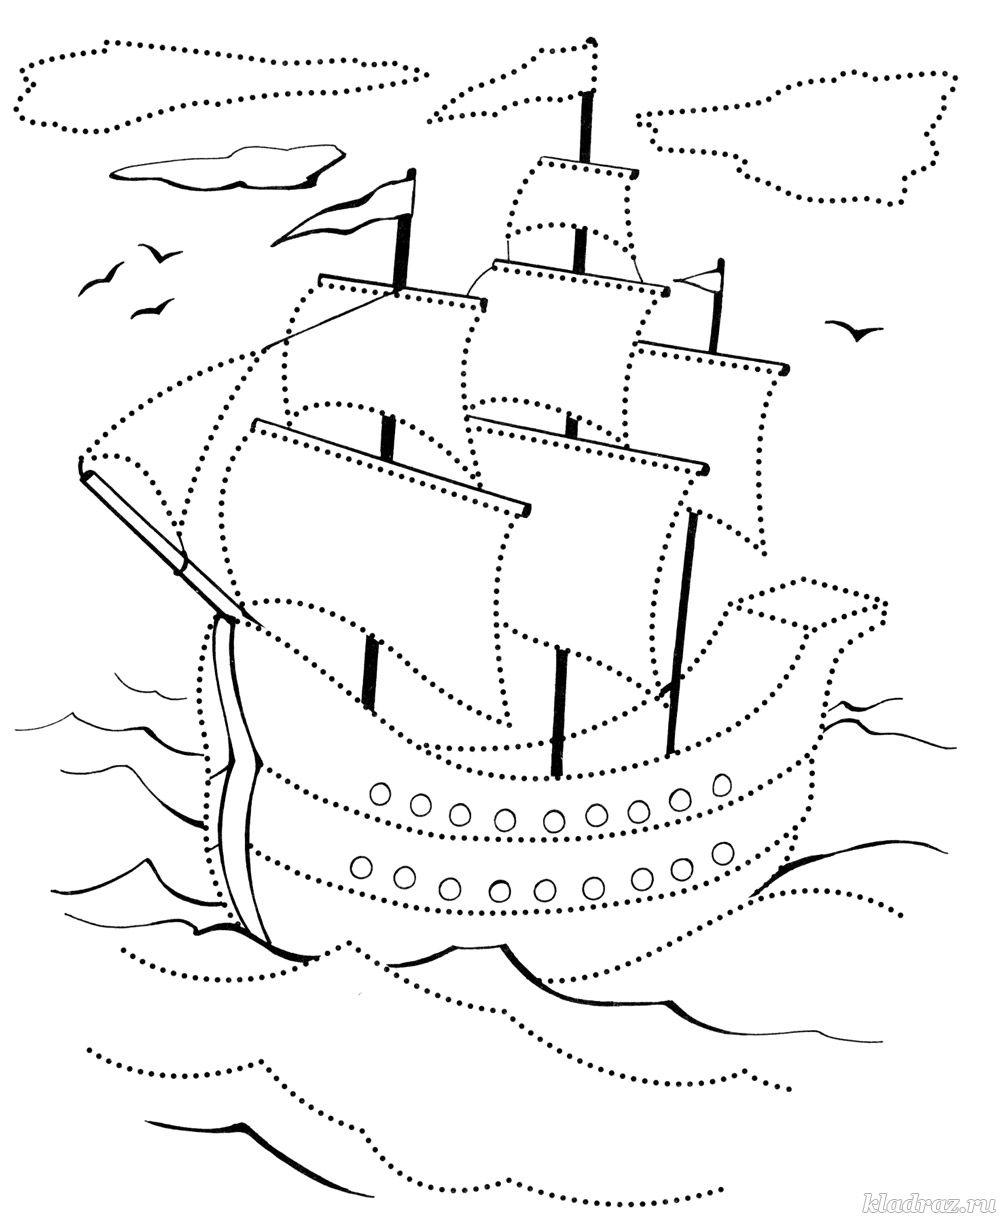 Признанием, корабли картинки для детей раскраски